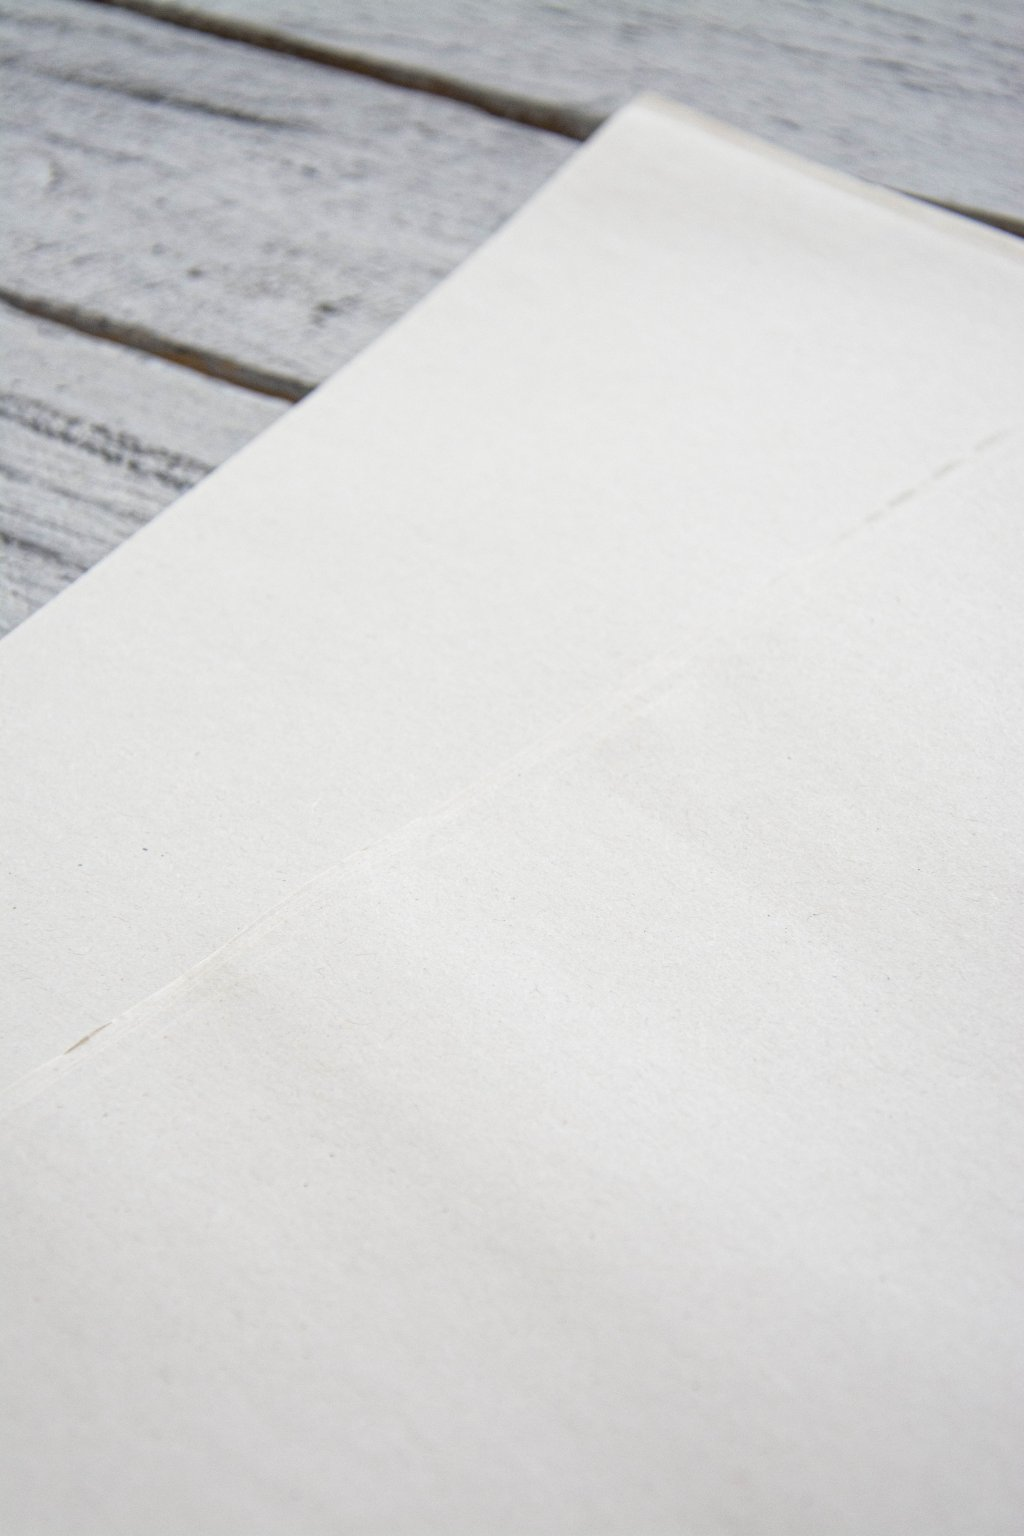 Balící papír Havana 38 x 58 cm. Řezaný na dlouho.